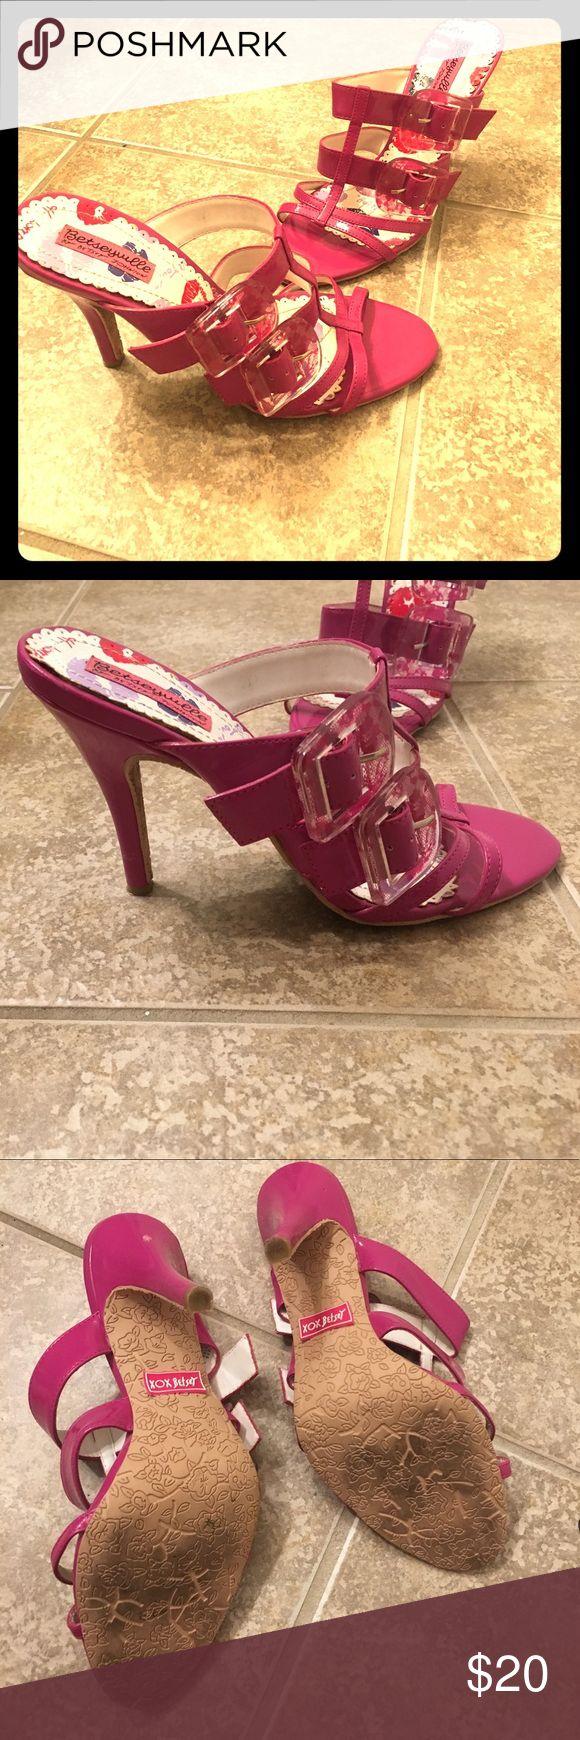 Fuchsia heel sandals Betsey Johnson Fuchsia purple heels by betsey johnson. Betsey Johnson Shoes Heels